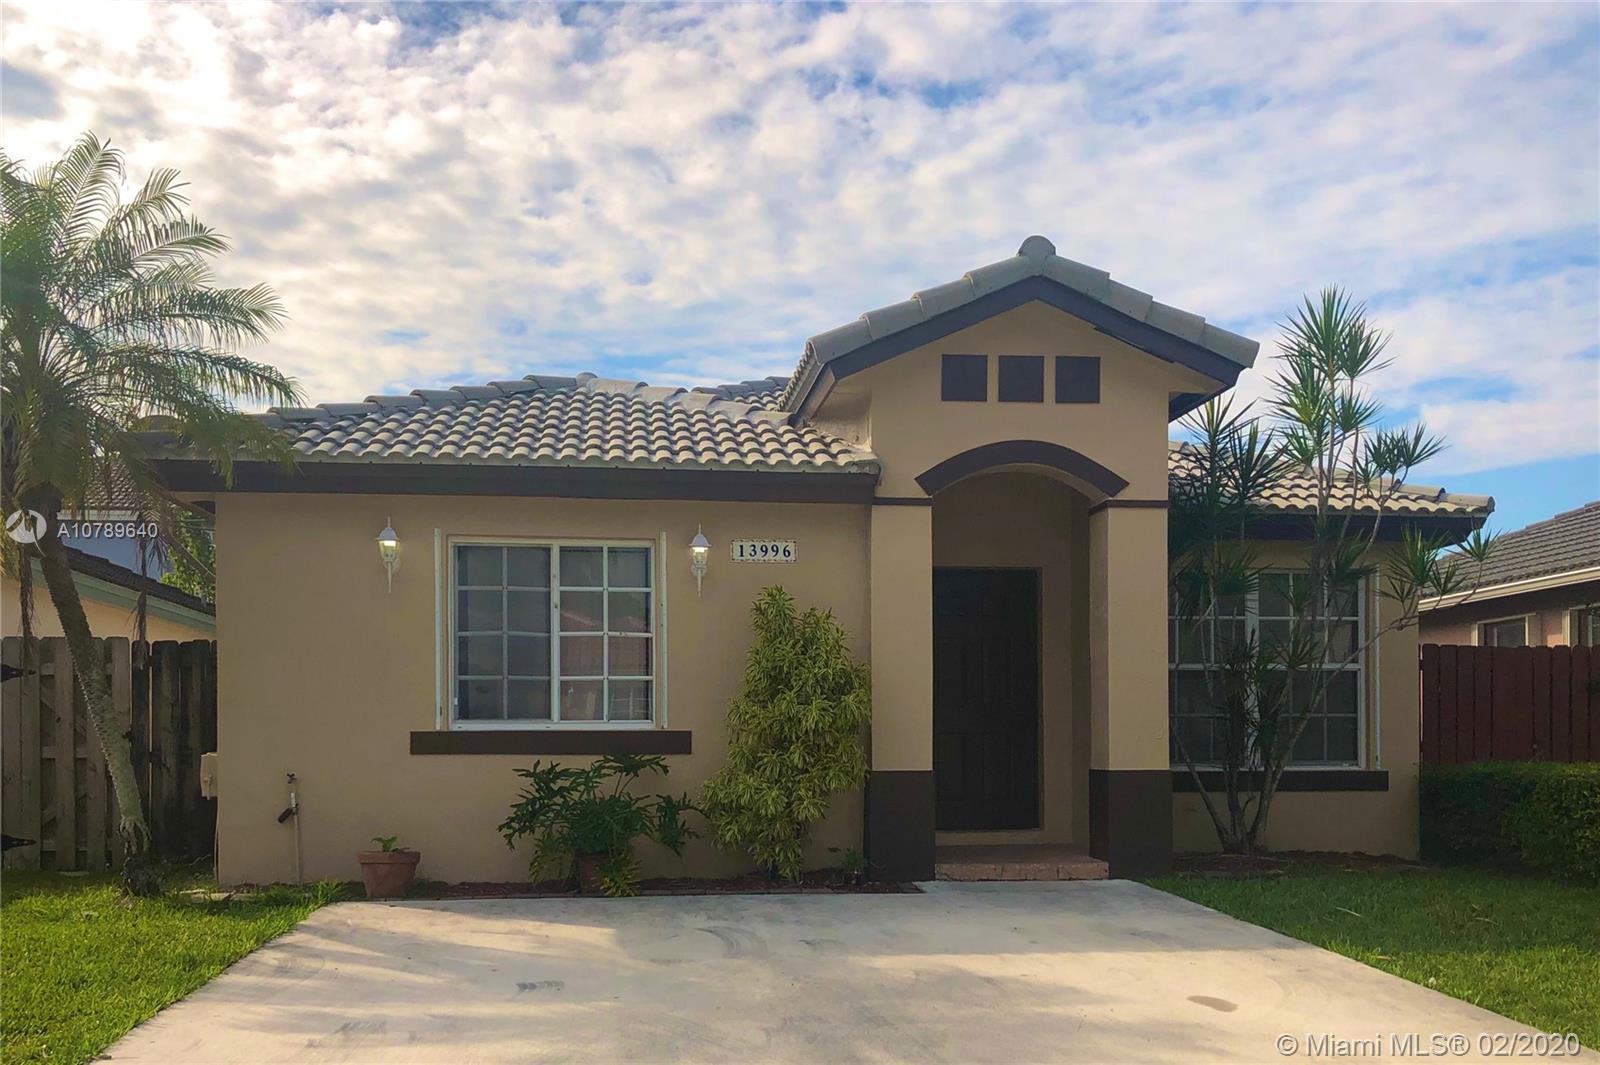 13996 SW 150th Ct - Miami, Florida